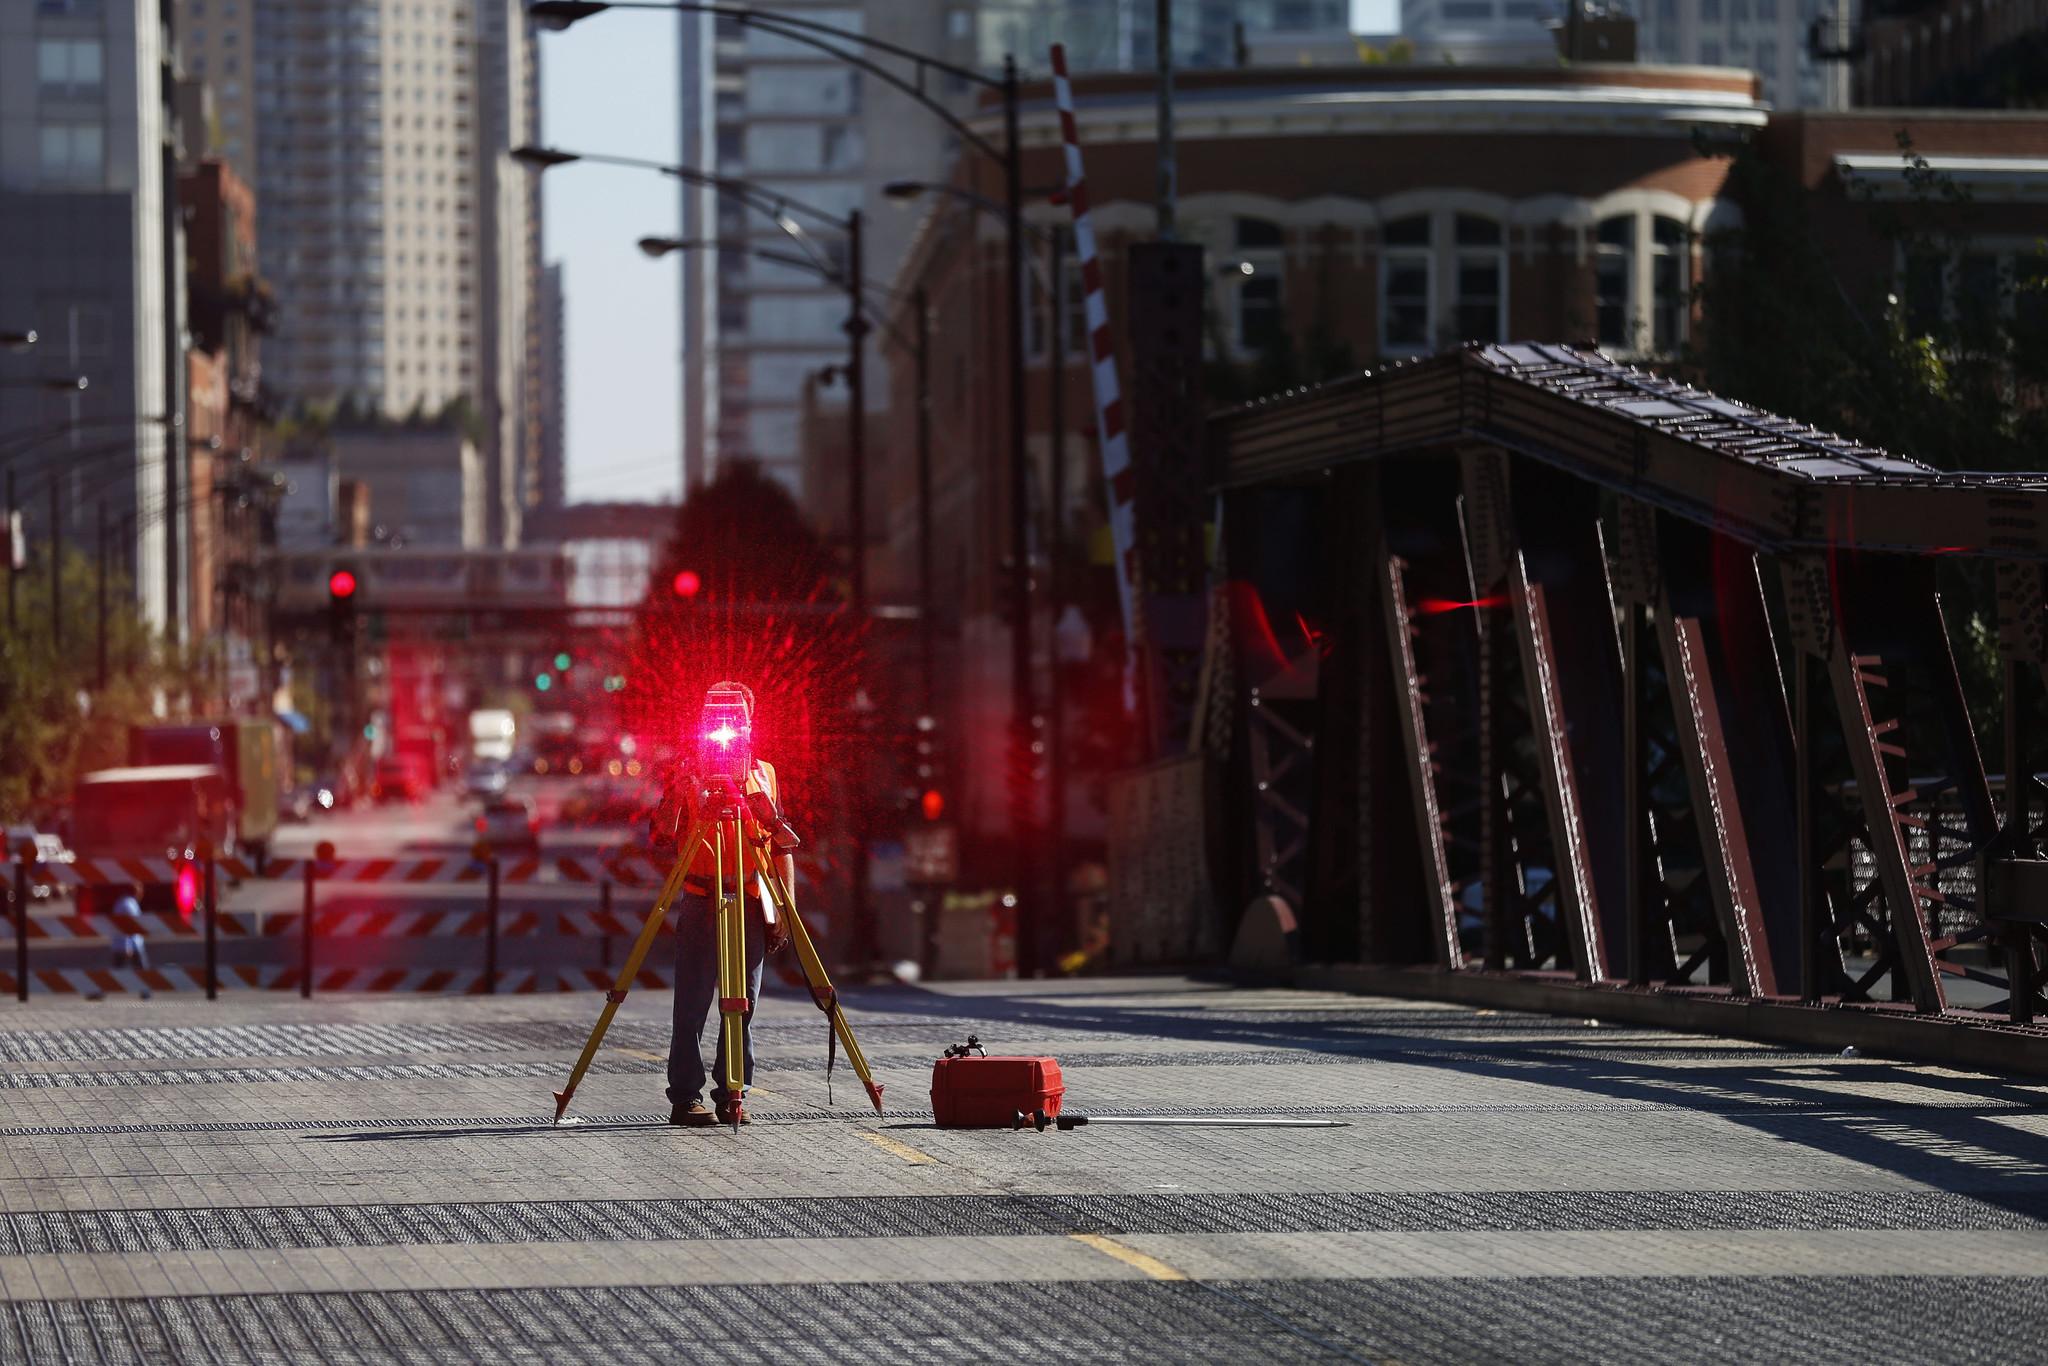 Grand Avenue bridge closed 2 weeks for emergency repairs